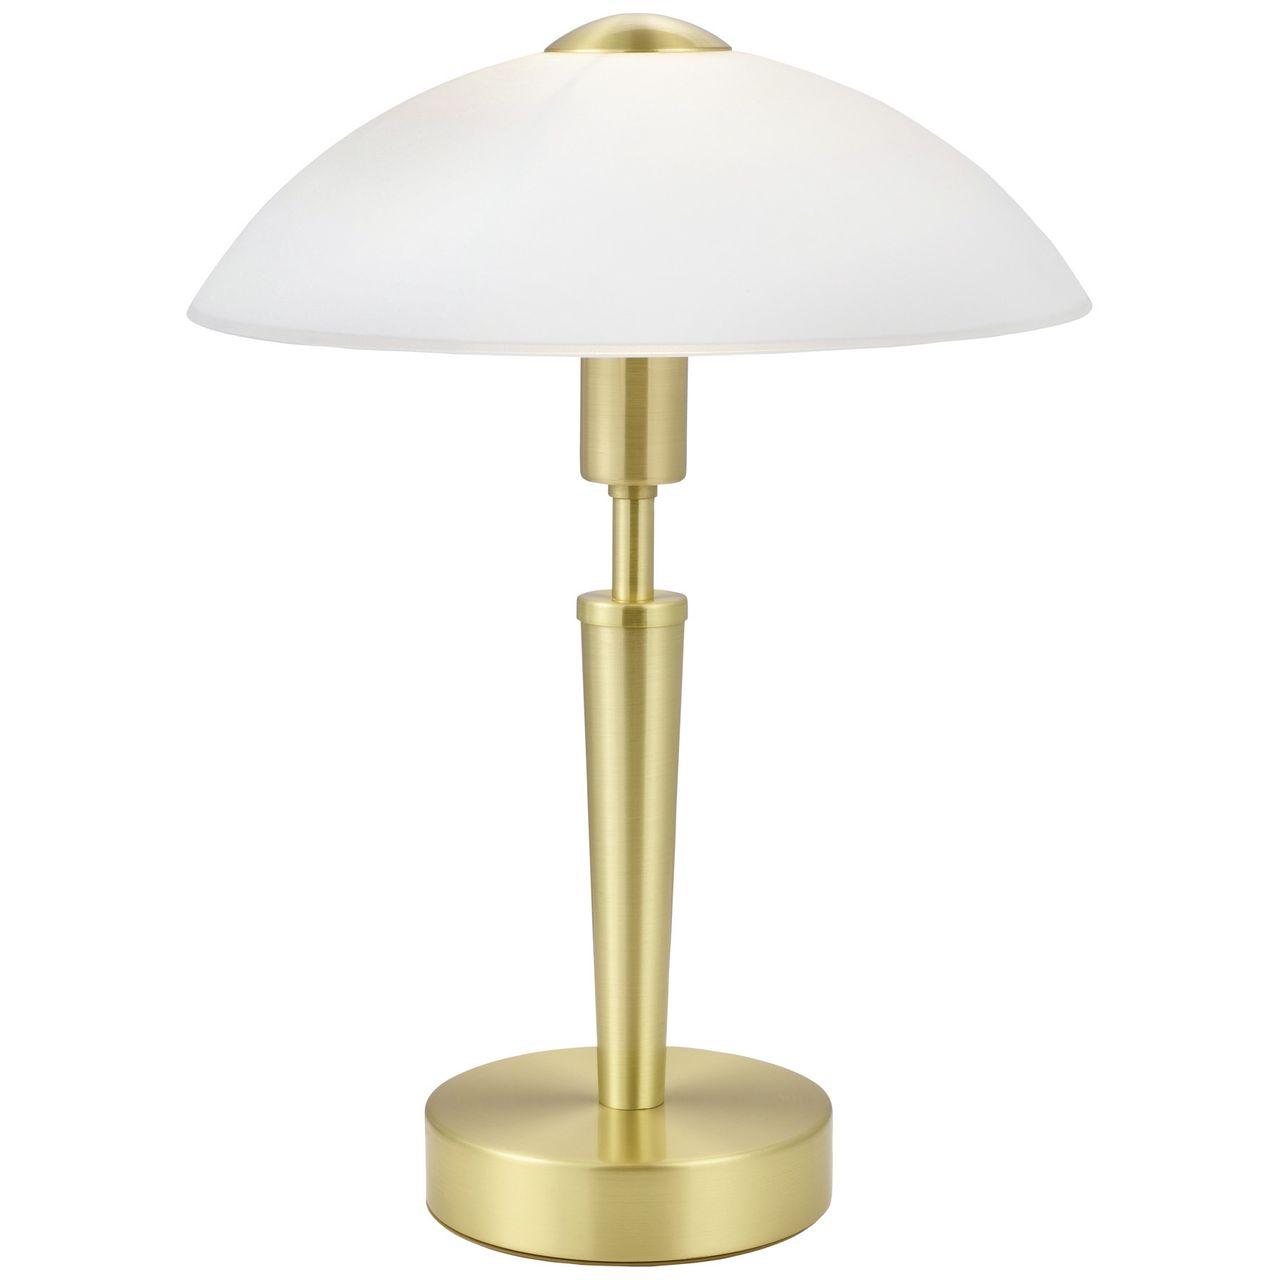 Настольная лампа Eglo Solo 1 87254 eglo настольная лампа eglo trungle 49624